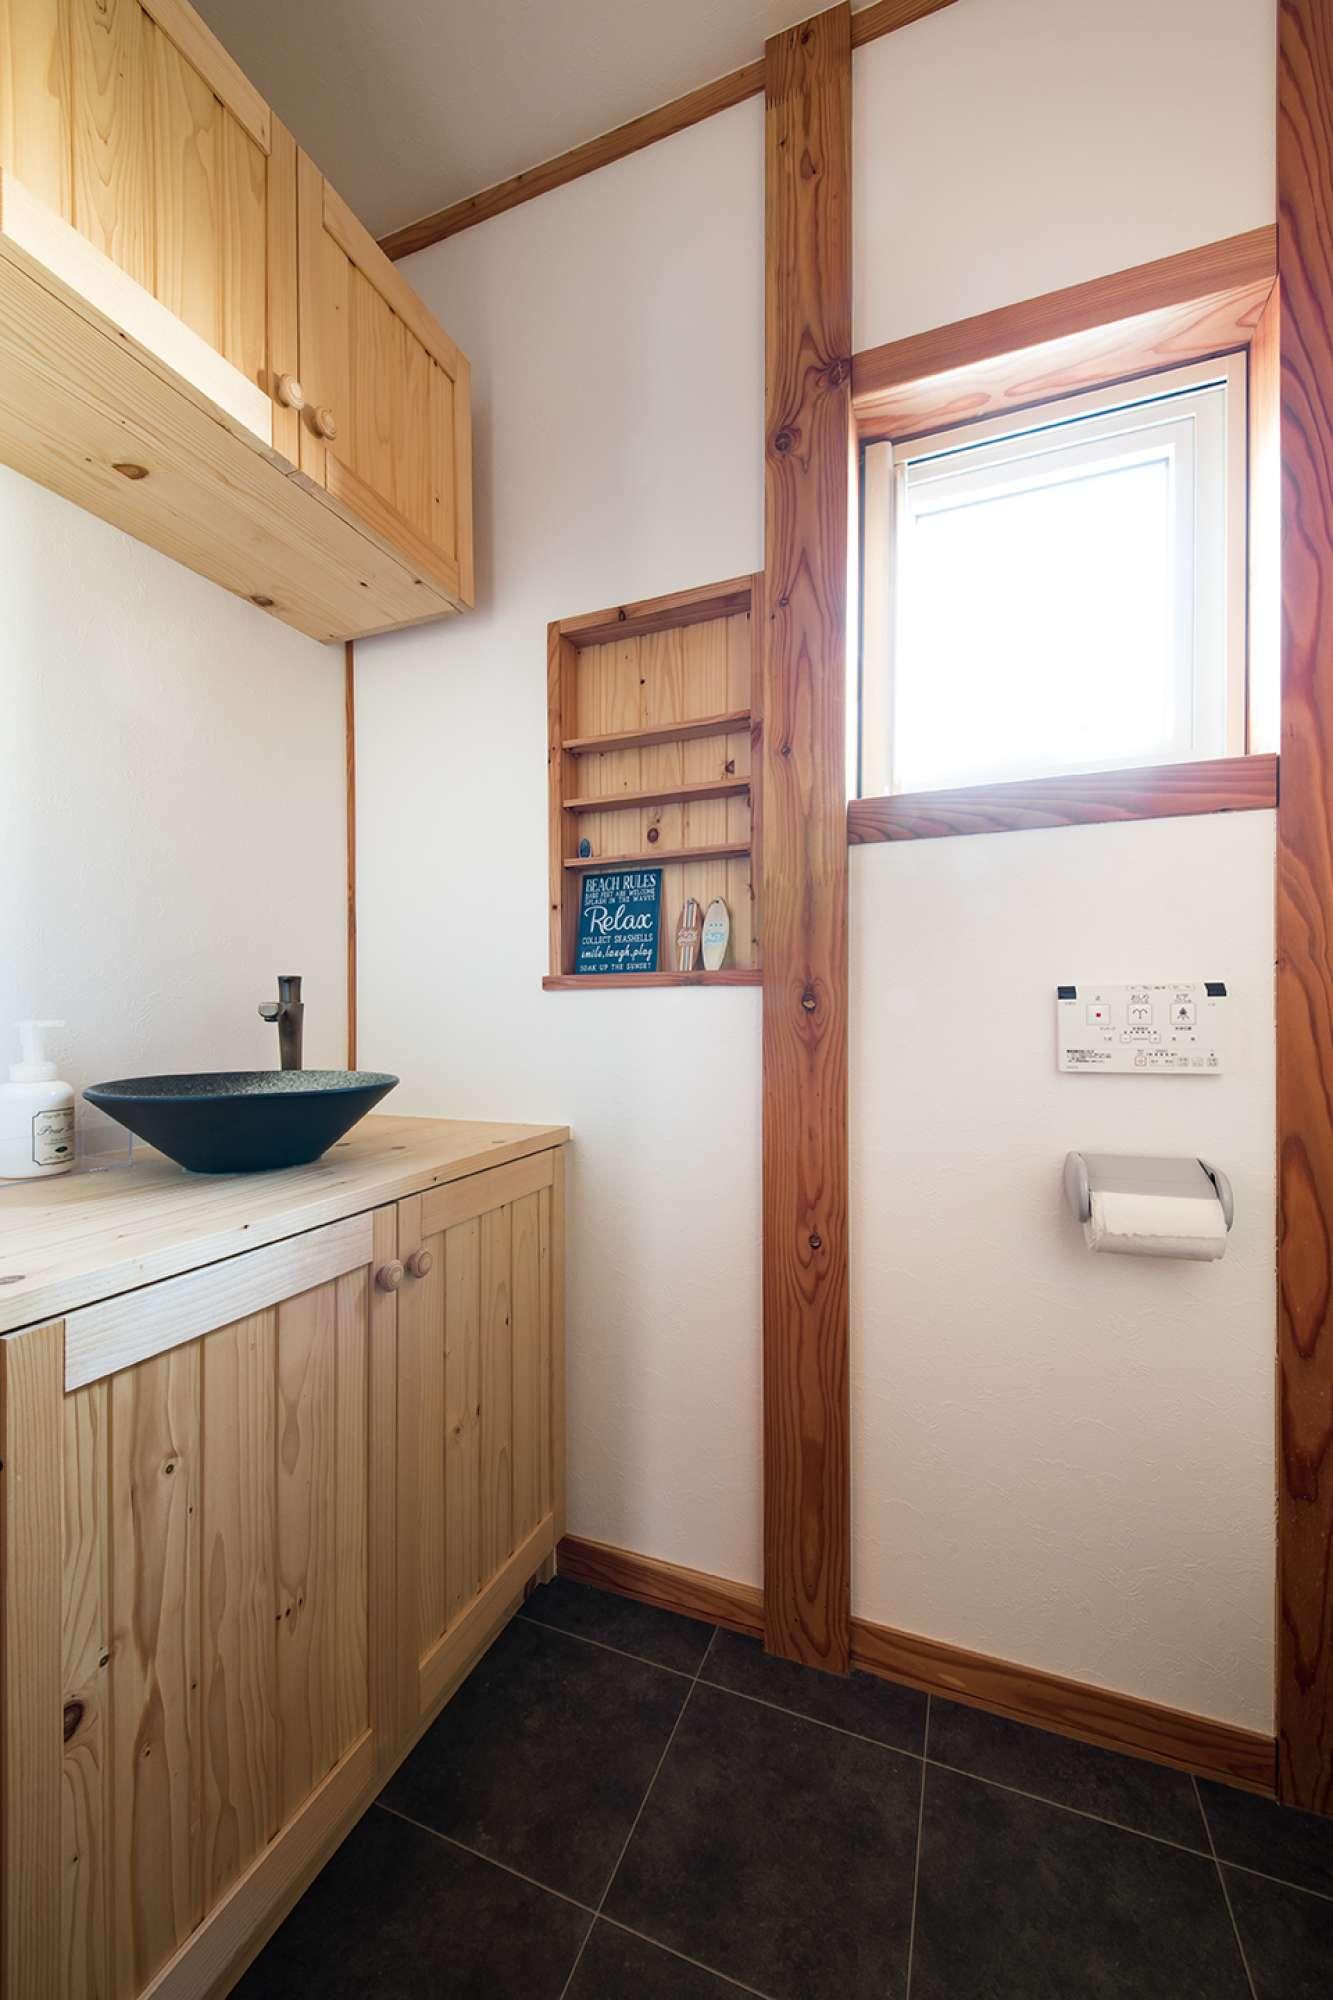 釣り戸棚付きで陶器のボウルを配したトイレの造作手洗い -  -  -